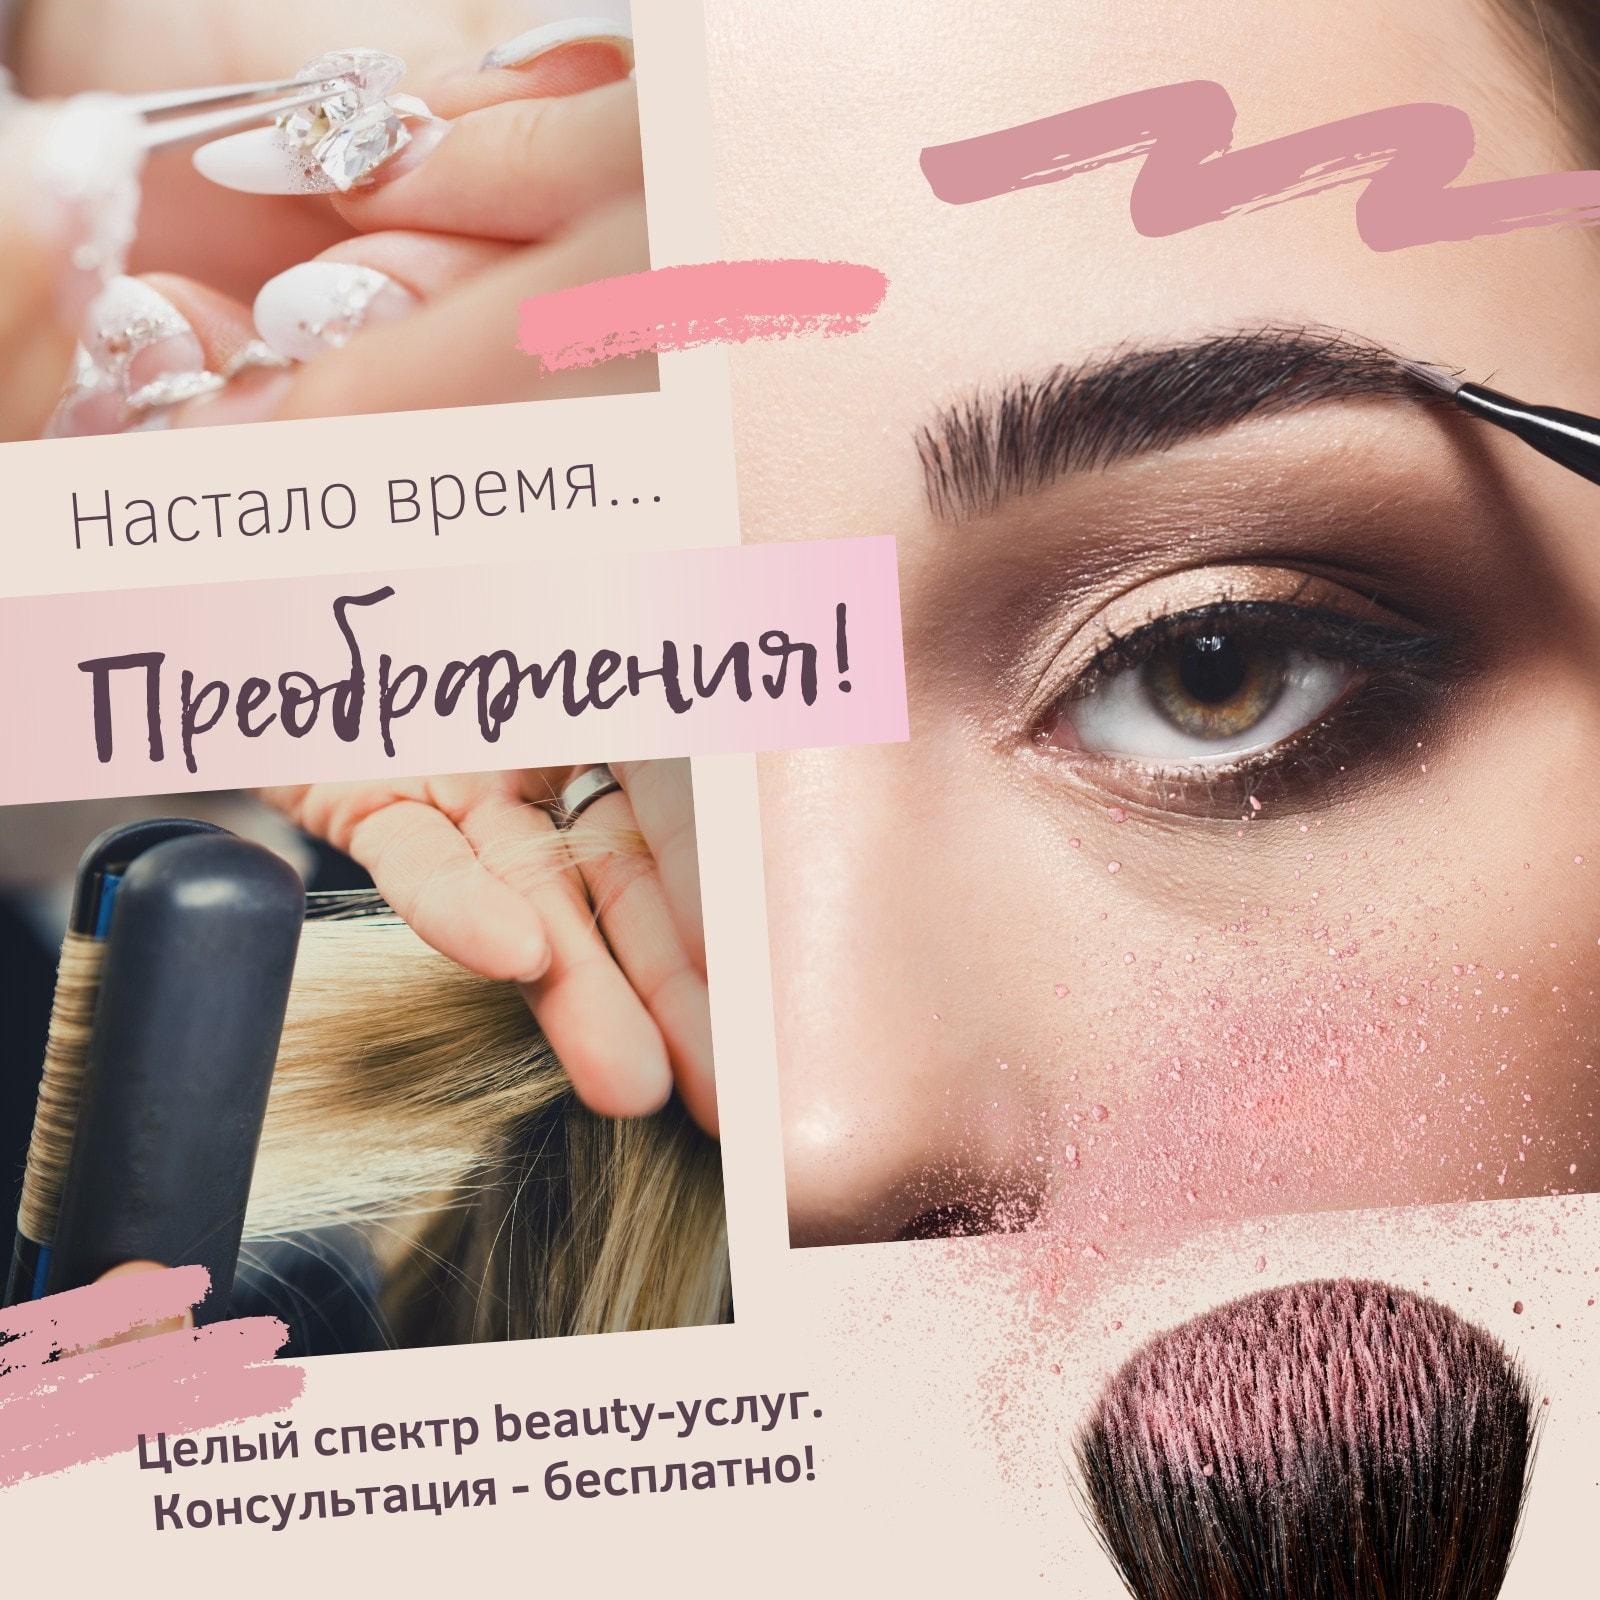 Розовая публикация в Instagram с коллажом из фотографий с бьюти-процедурами